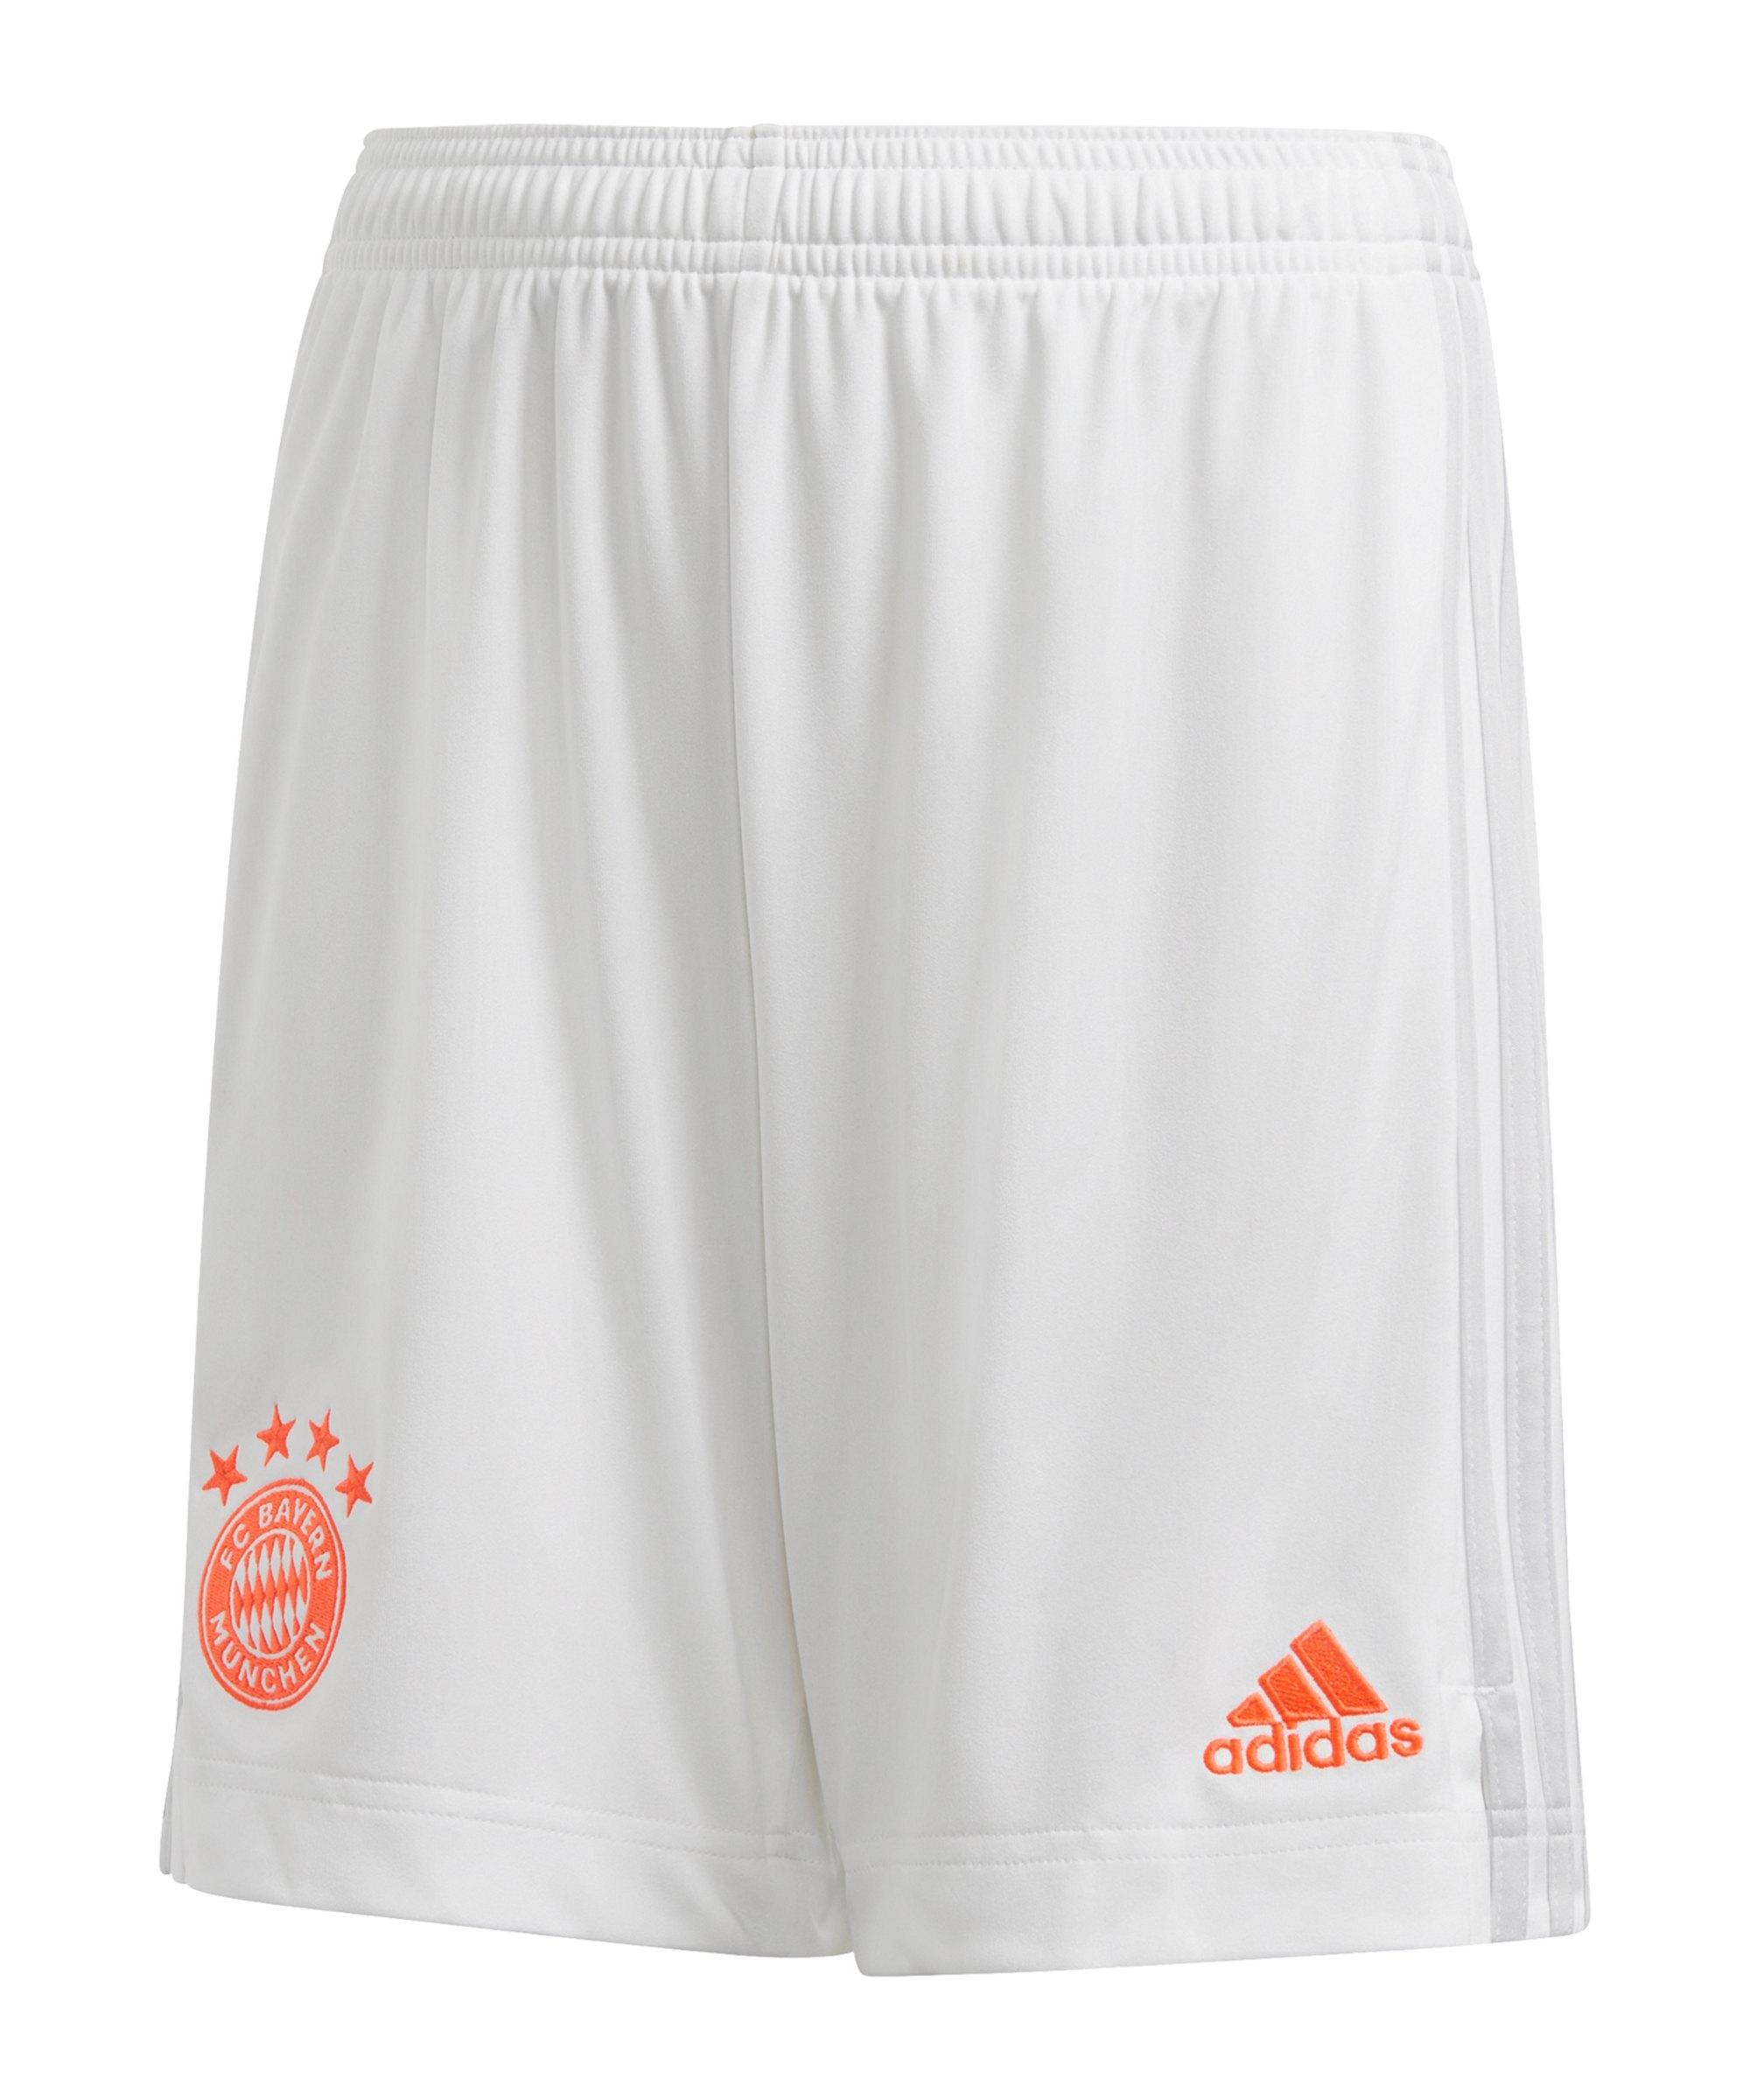 adidas FC Bayern München Short Away 2020/2021 Kids Weiss - weiss